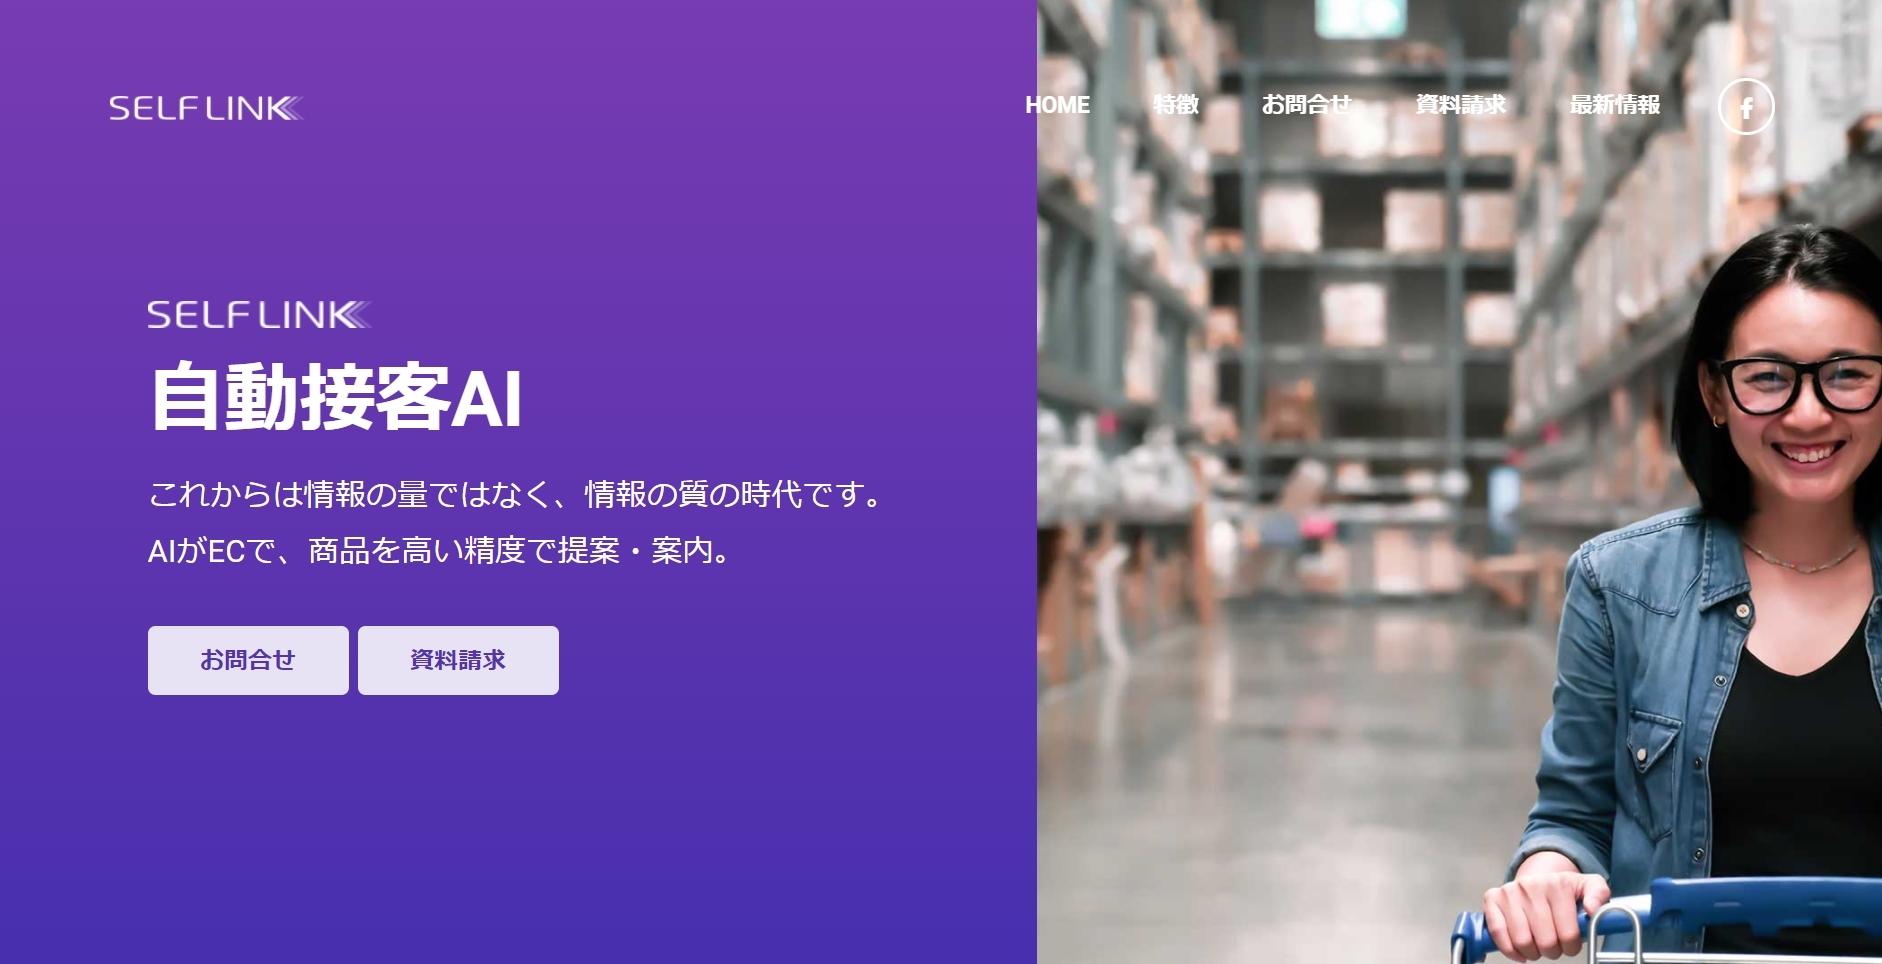 SELF LINK公式Webサイト